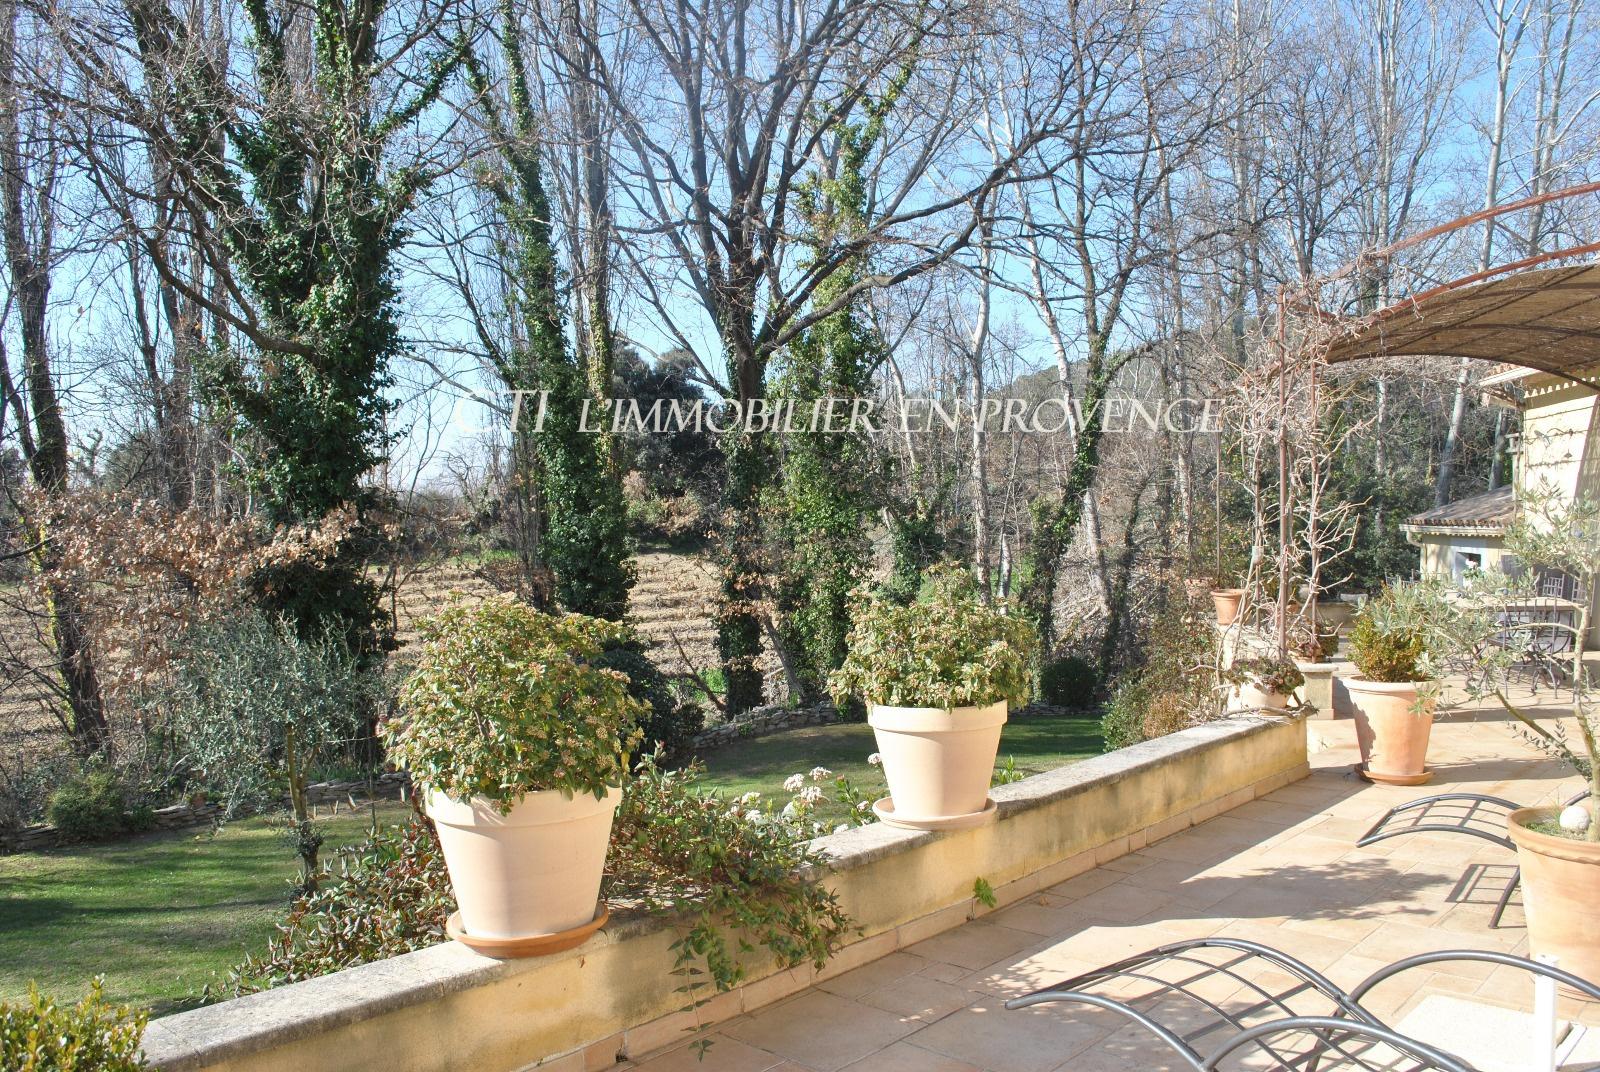 0 www.cti-provence.net, vaison la romaine, villa provençale plain pied   garage, terrain plei